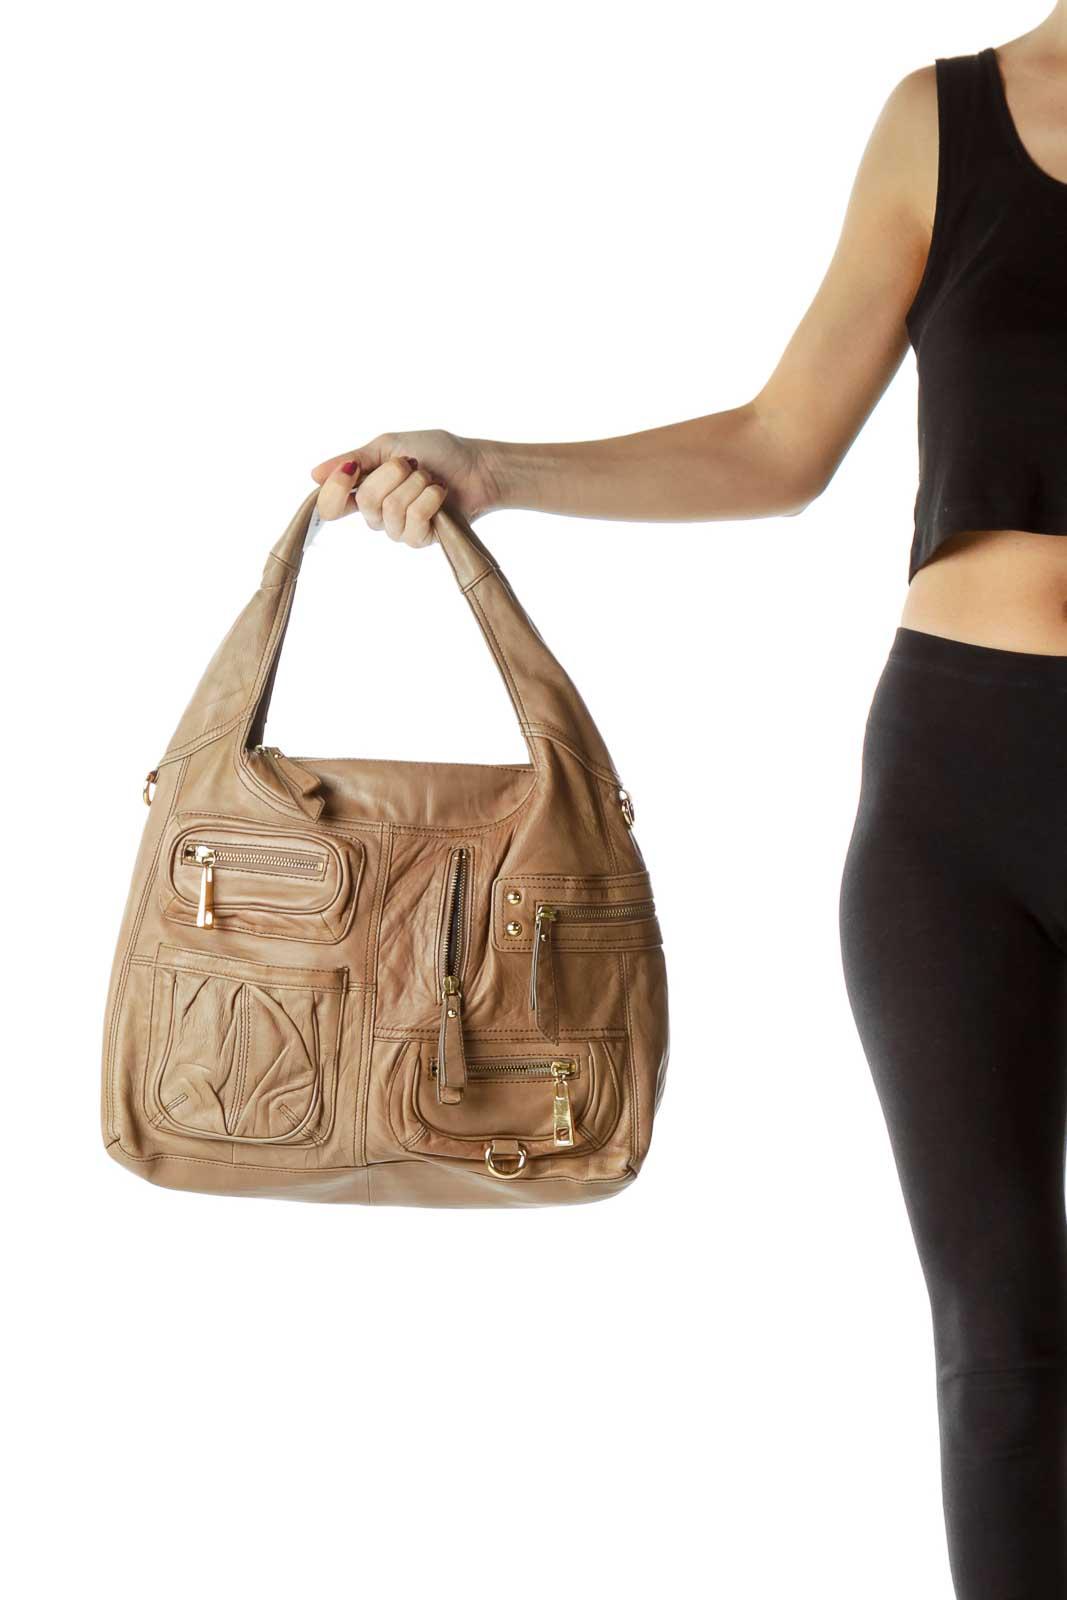 Beige Pocketed Hobo Leather Shoulder Bag